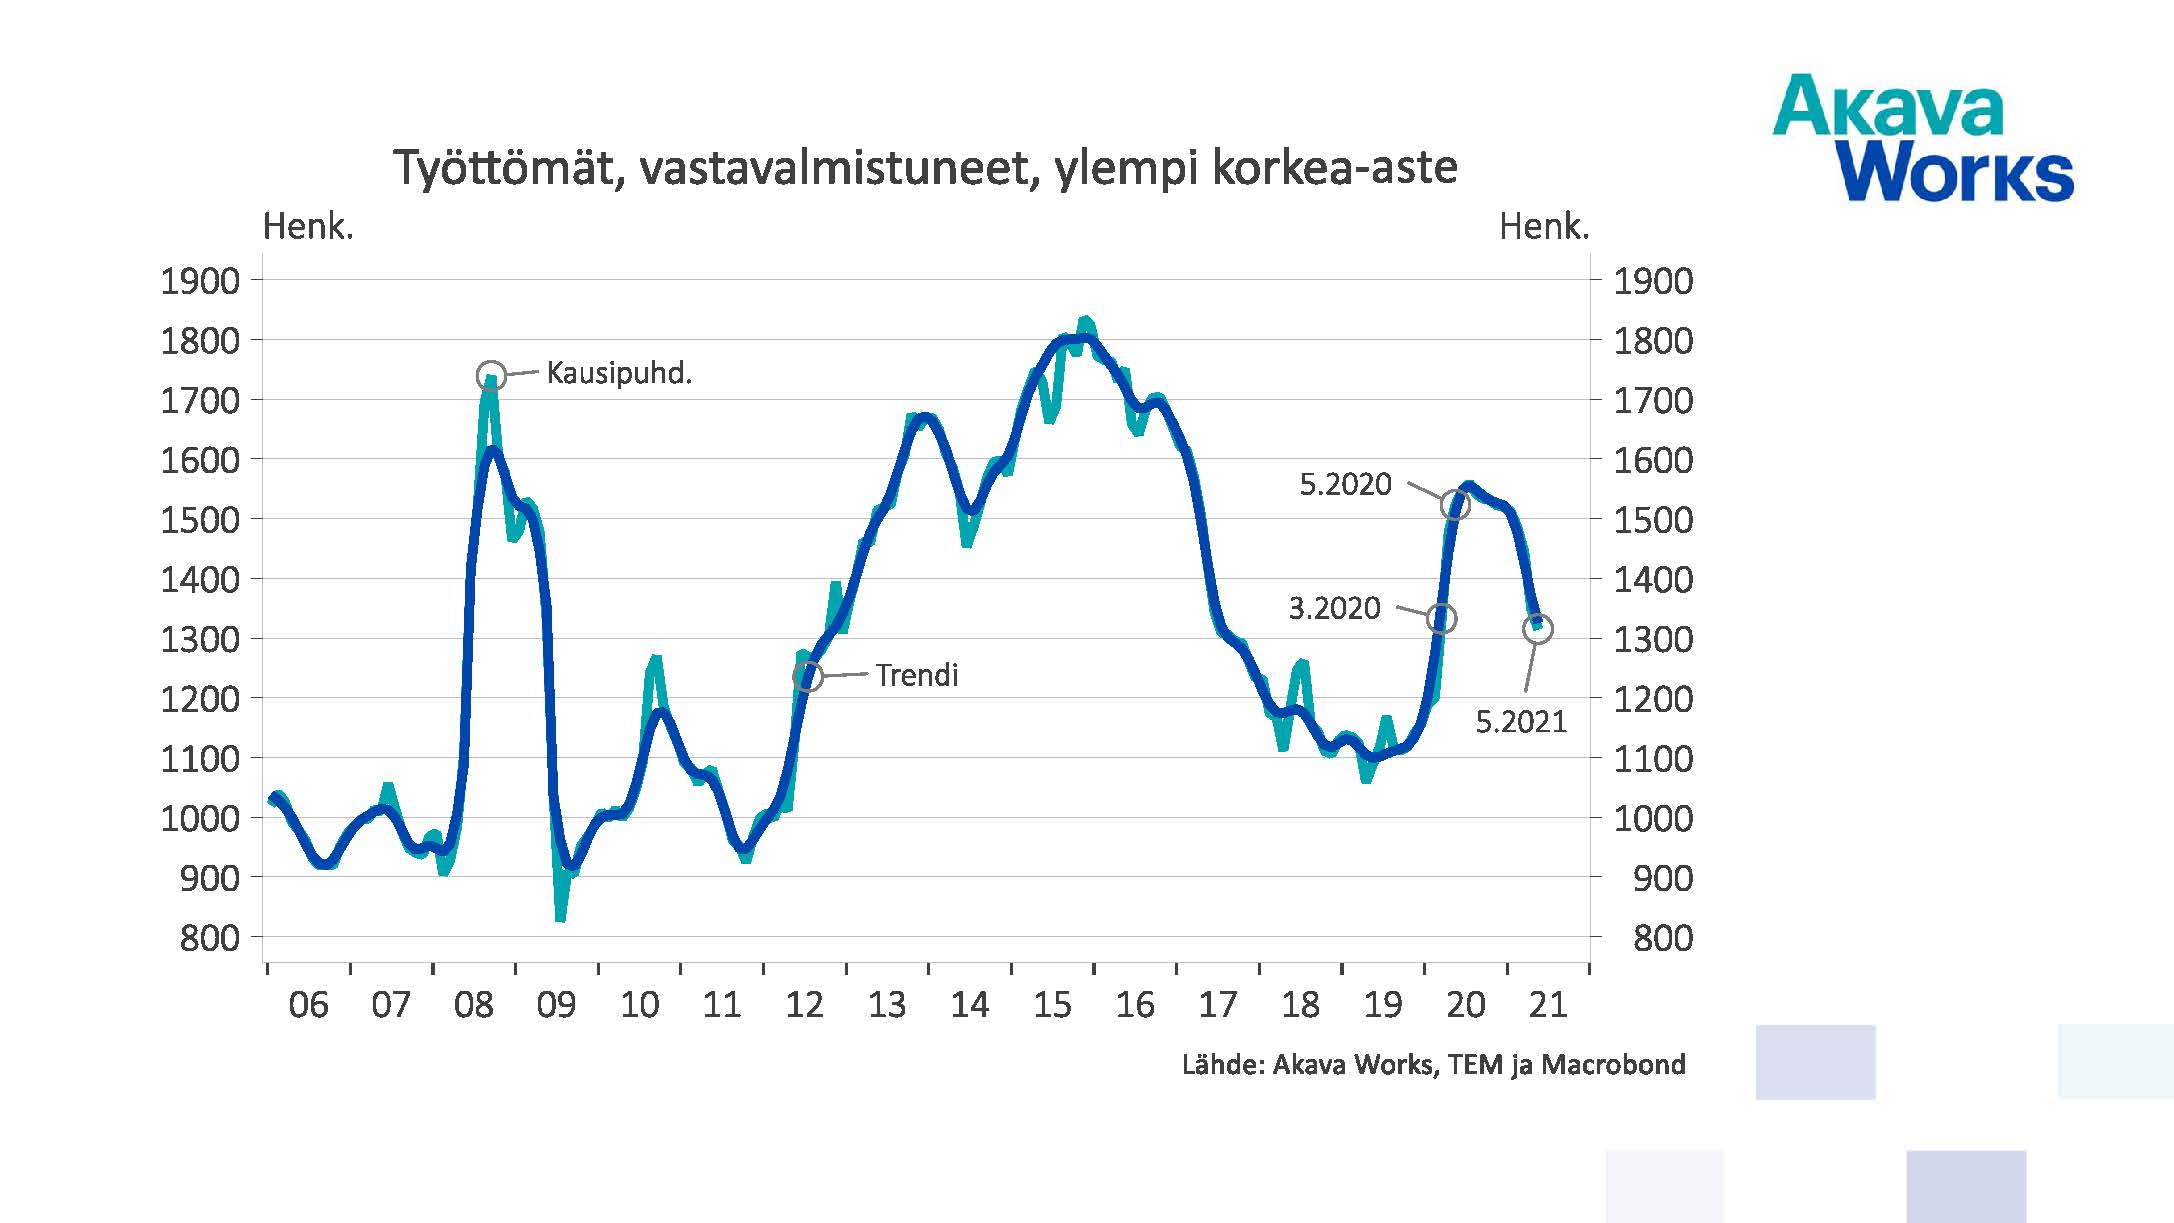 Työttömät vastavalmistuneet, ylempi korkea-aste 05/2021